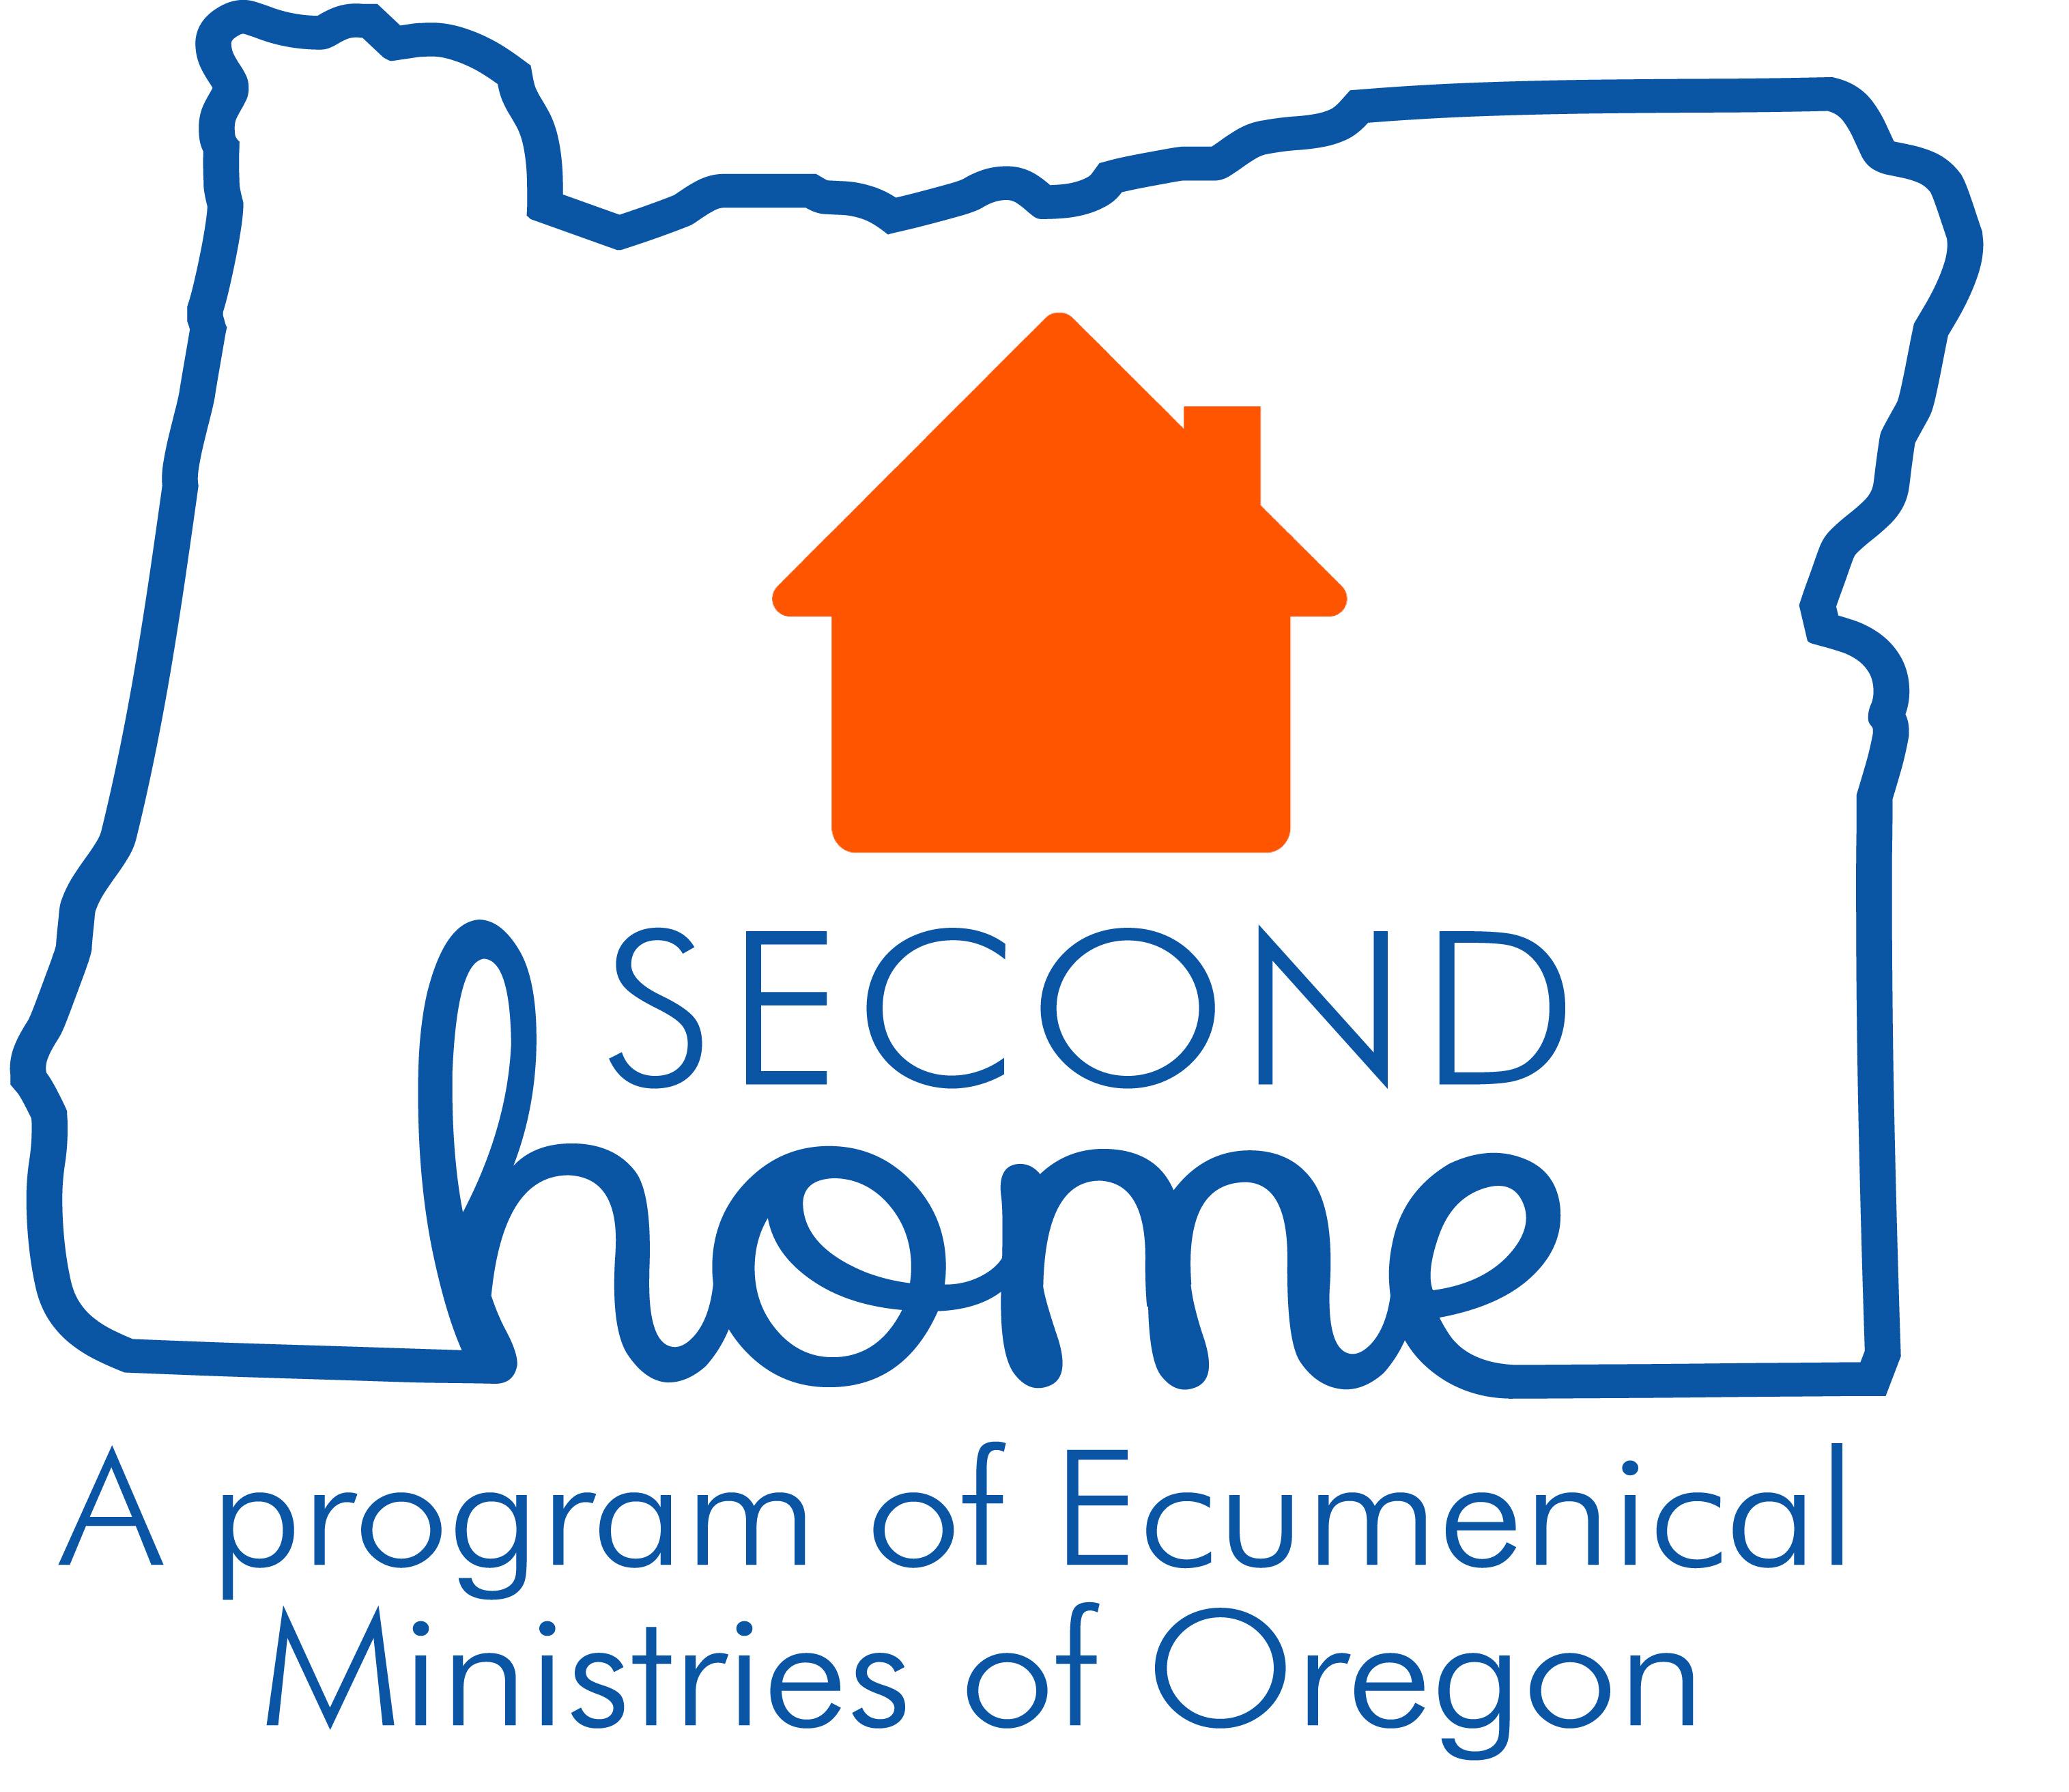 Second Home logo blue orange 2018